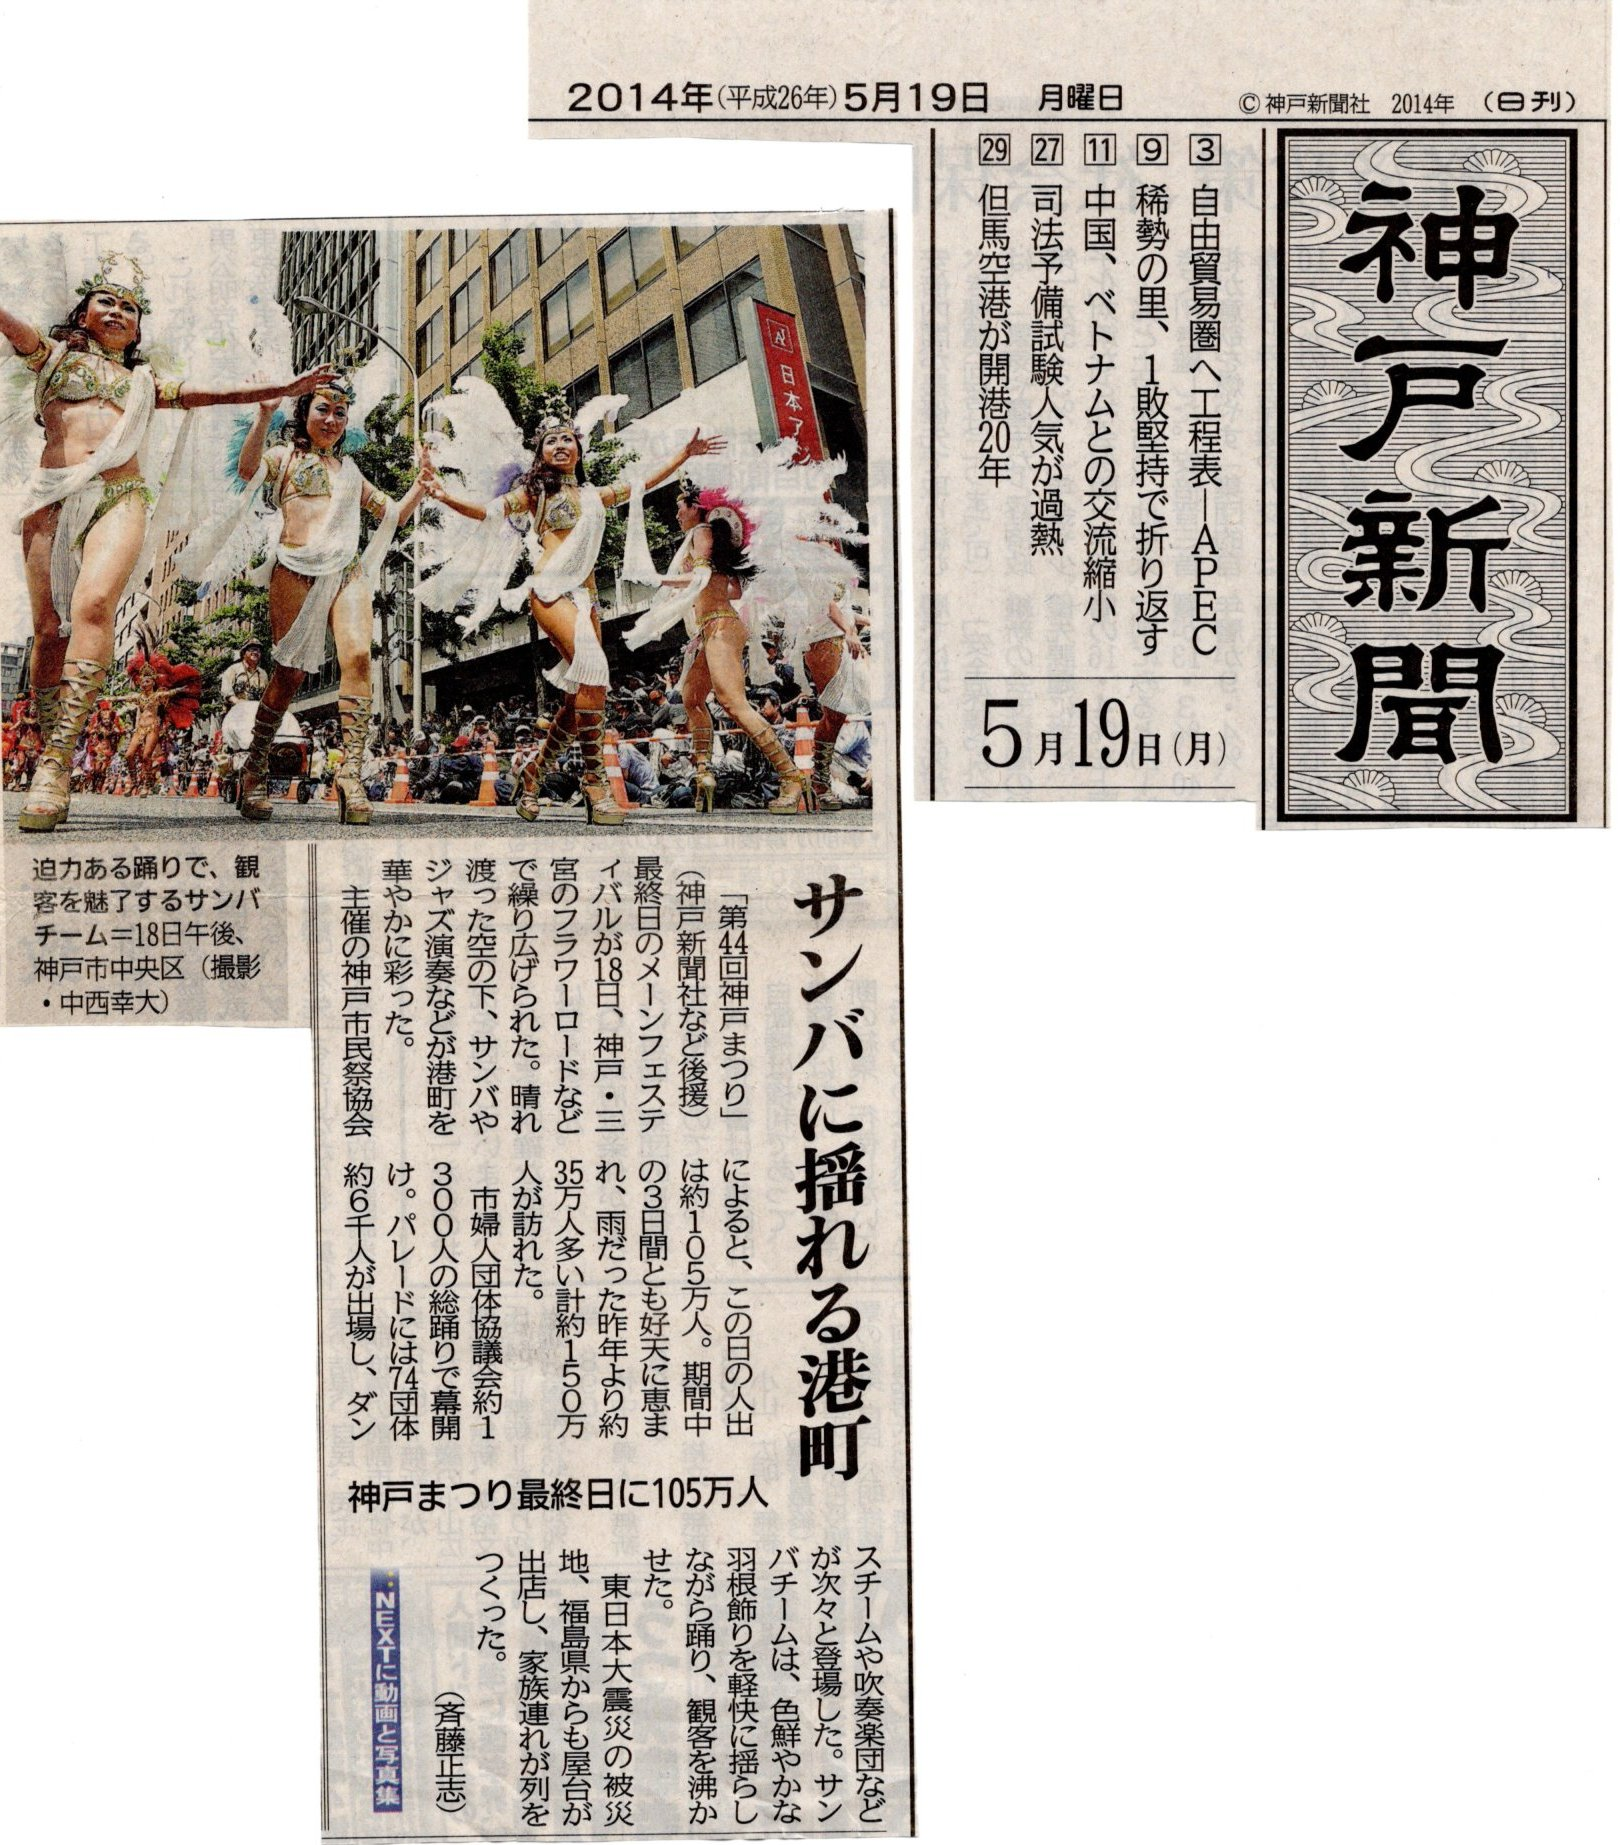 2014_05_19_kobe.jpg